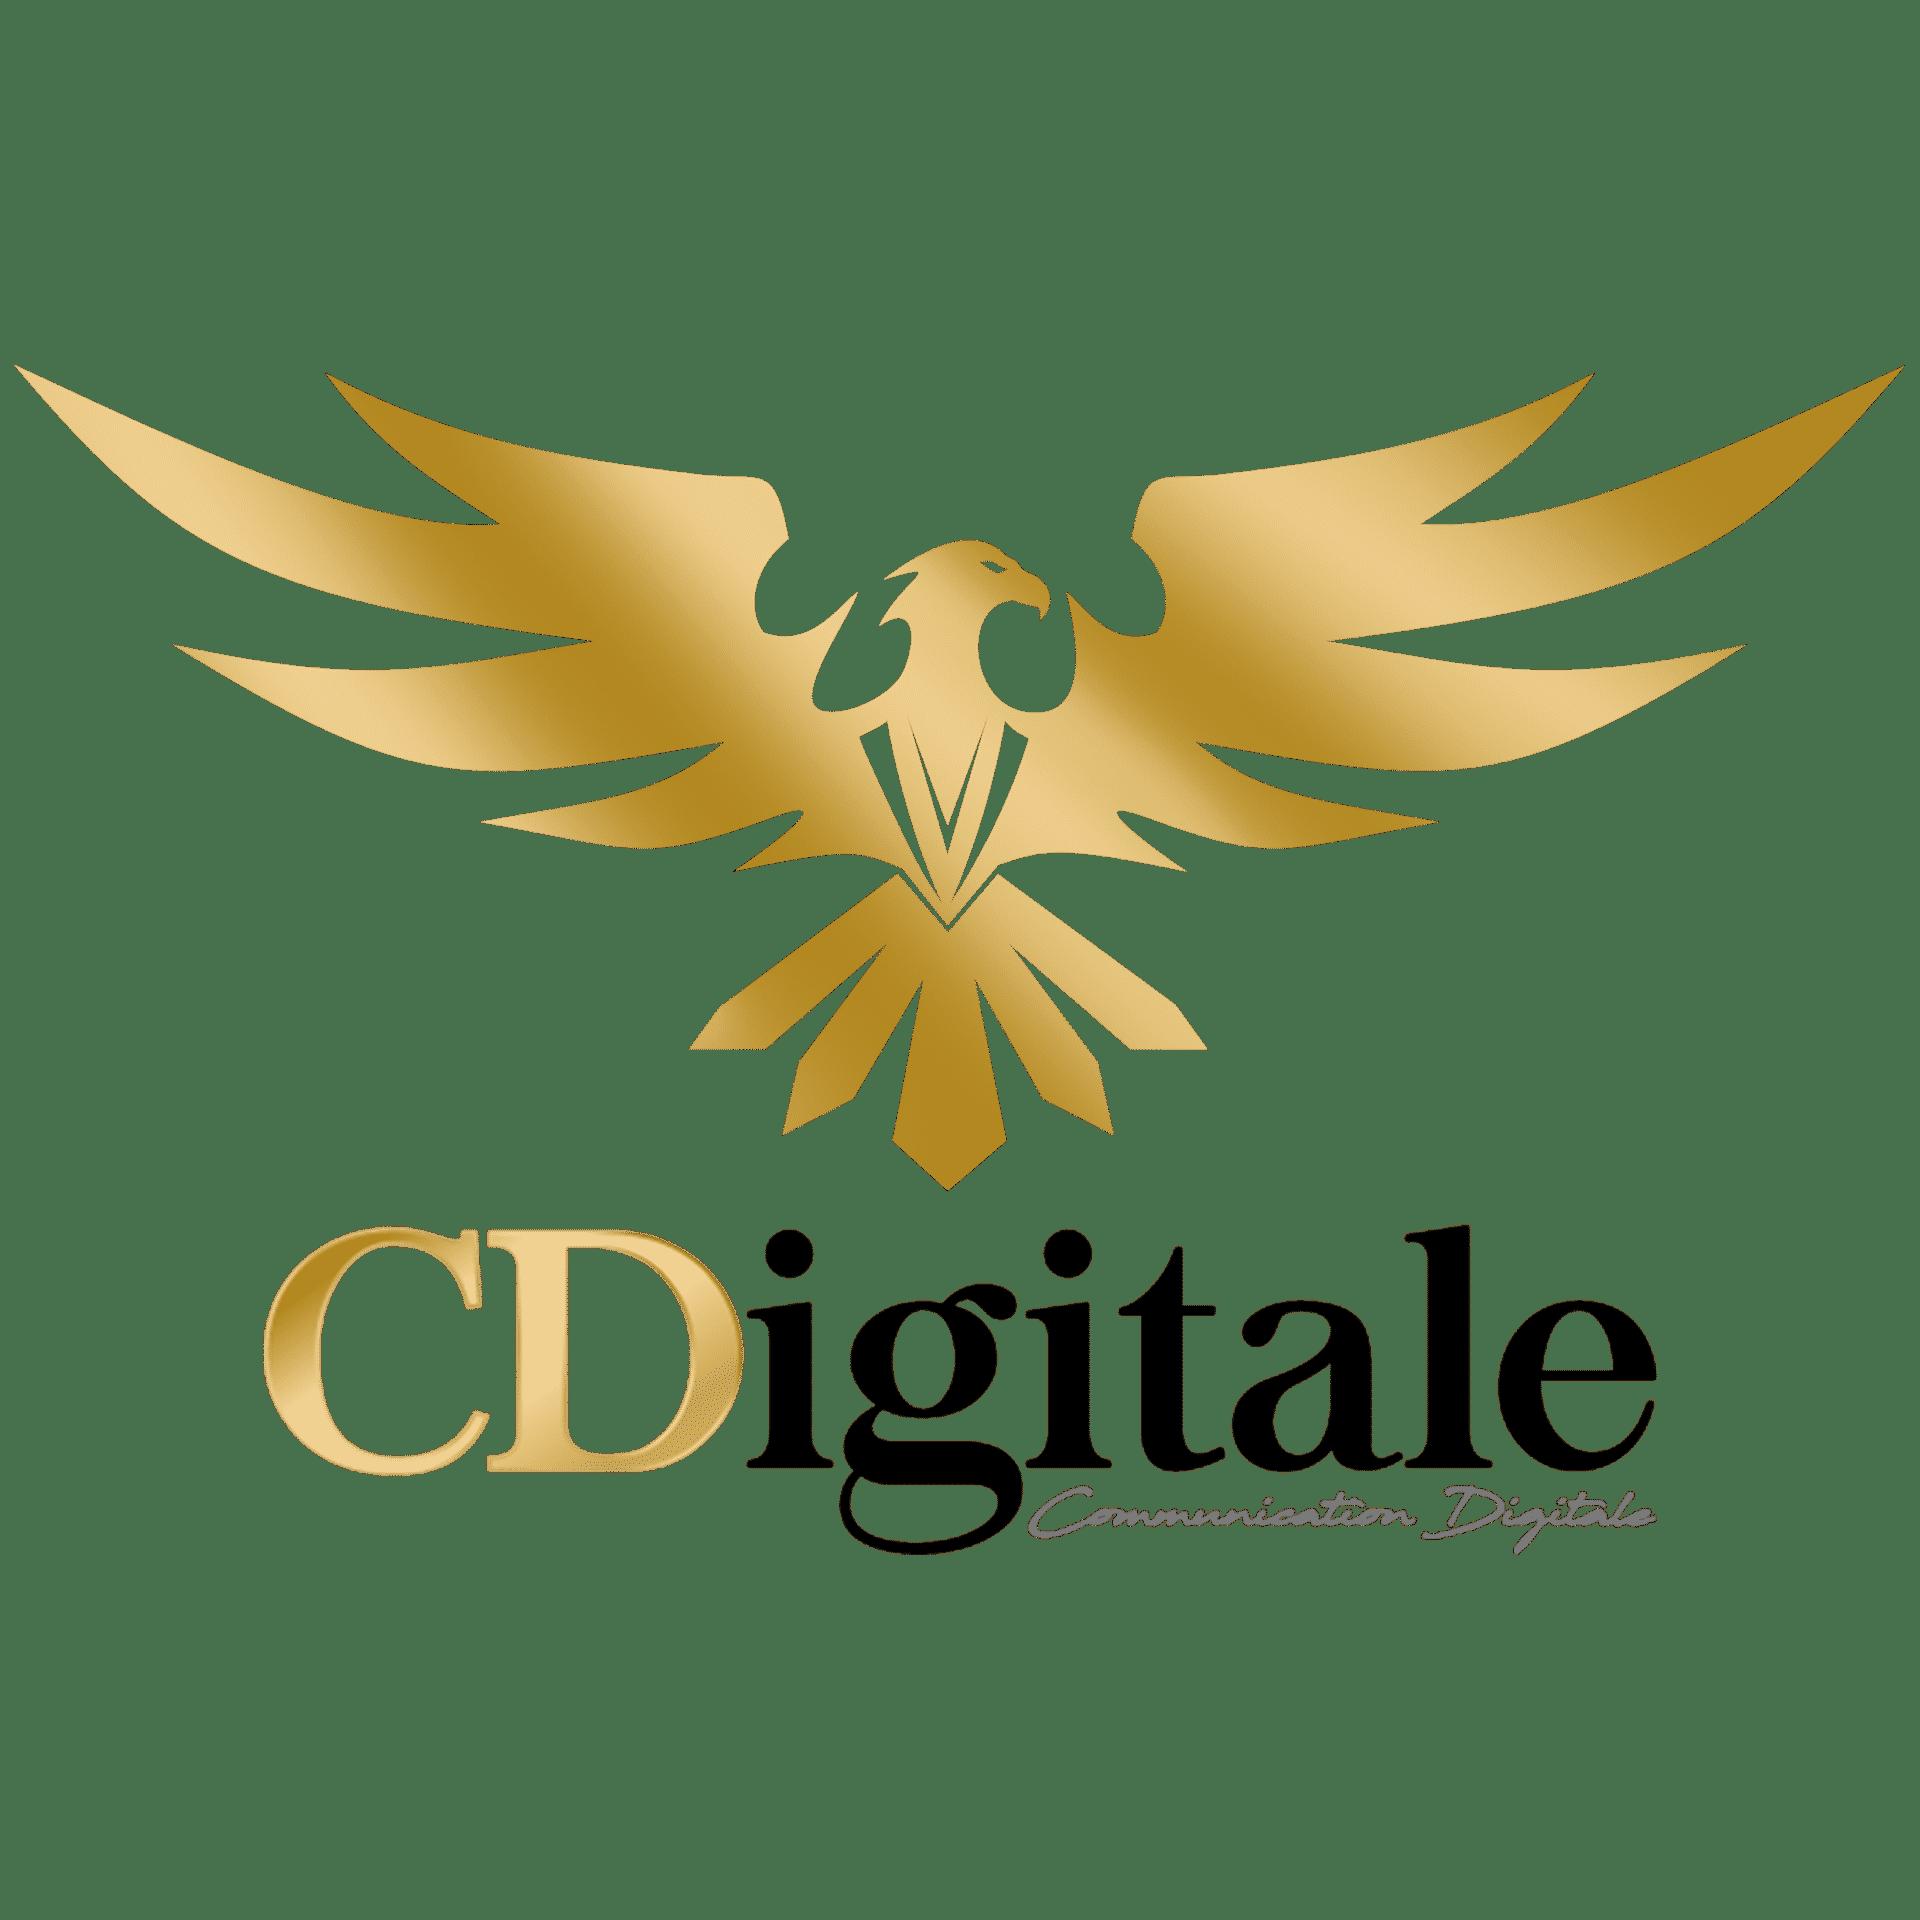 Création logo entreprise gratuit -entreprise CDigitaleⓇ